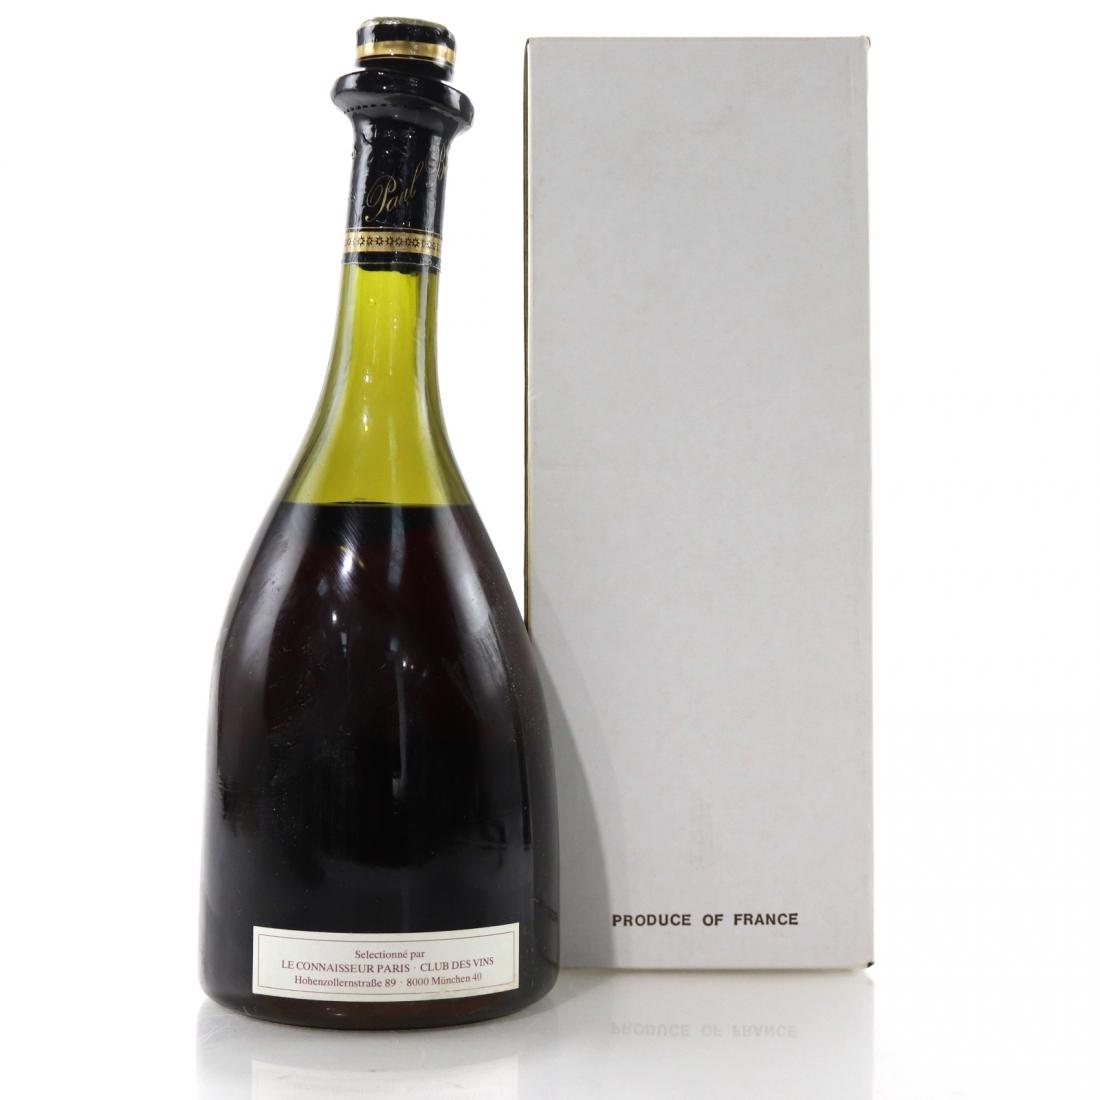 Paul Beau Grande Champagne Hors d'Age Cognac / German Import